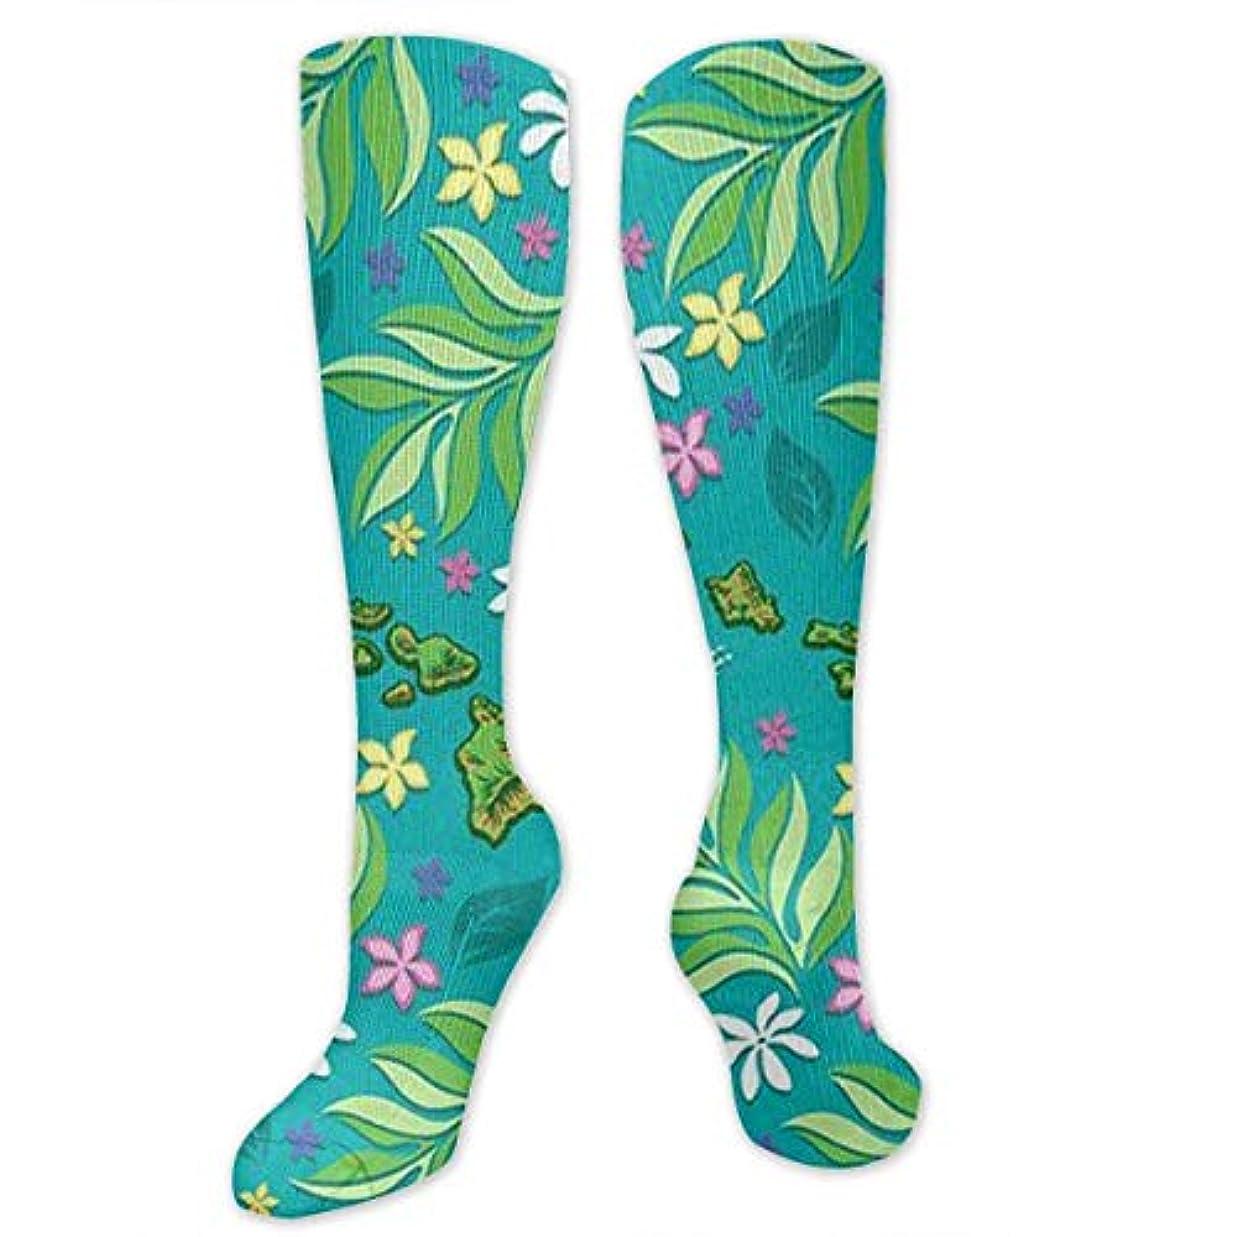 問い合わせあたたかいアクセサリー靴下,ストッキング,野生のジョーカー,実際,秋の本質,冬必須,サマーウェア&RBXAA Floral Island Chain Socks Women's Winter Cotton Long Tube Socks Cotton...